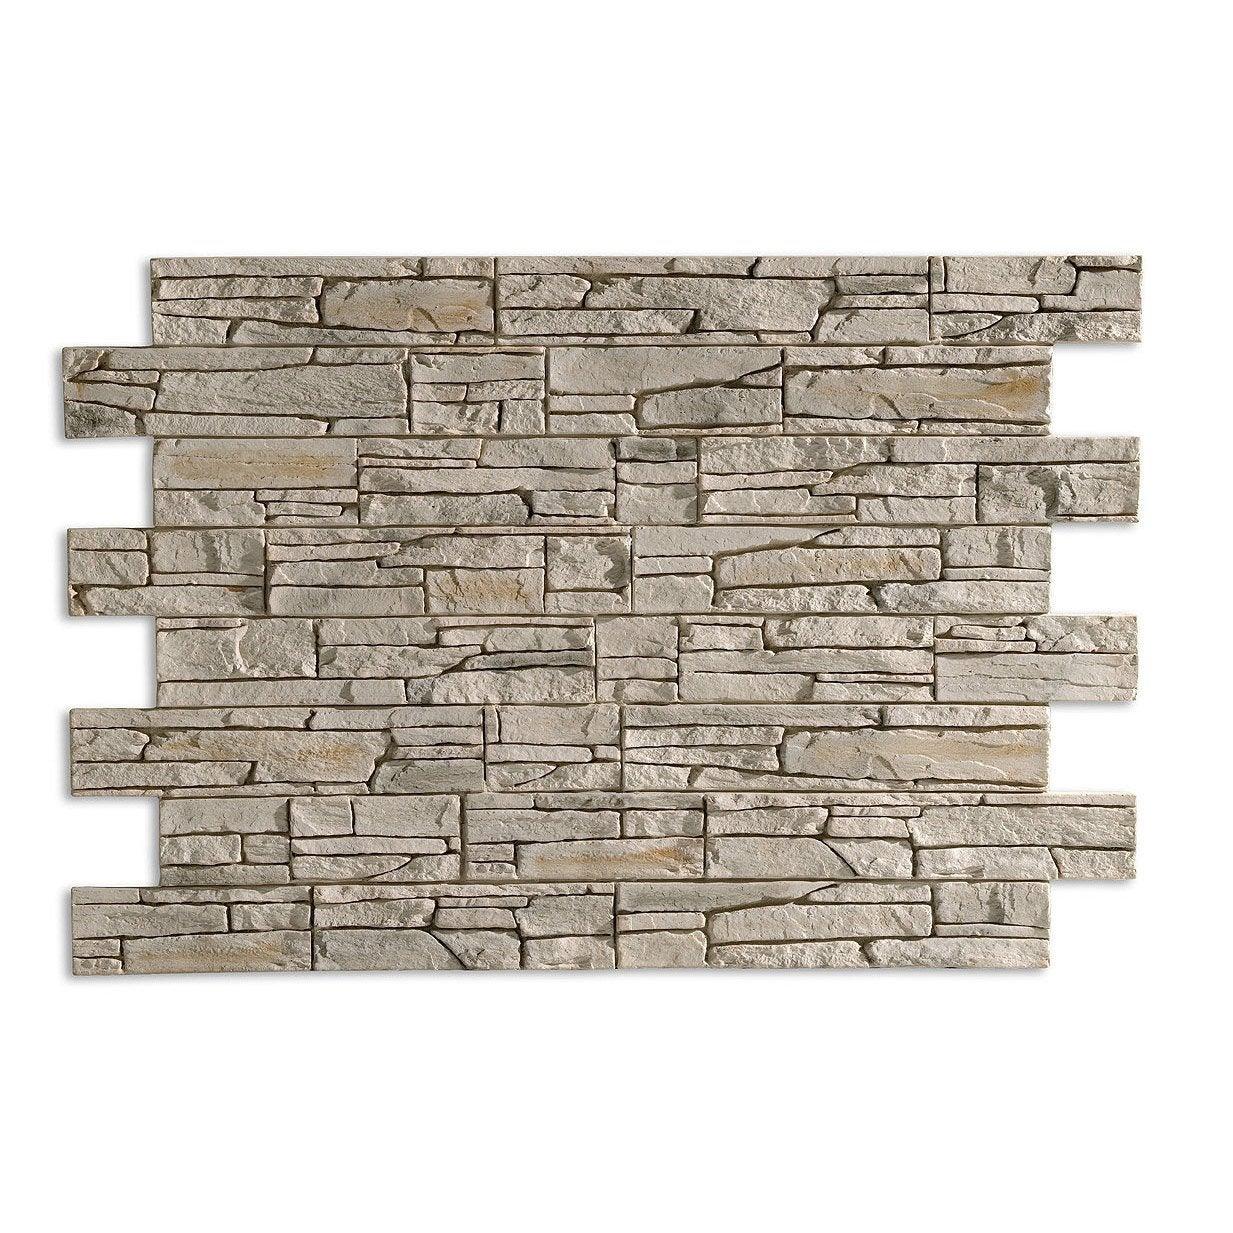 Plaquette de parement panespol pierre composite en polyur thane blanc nuanc leroy merlin - Bassins om leroy merlin te zetten ...